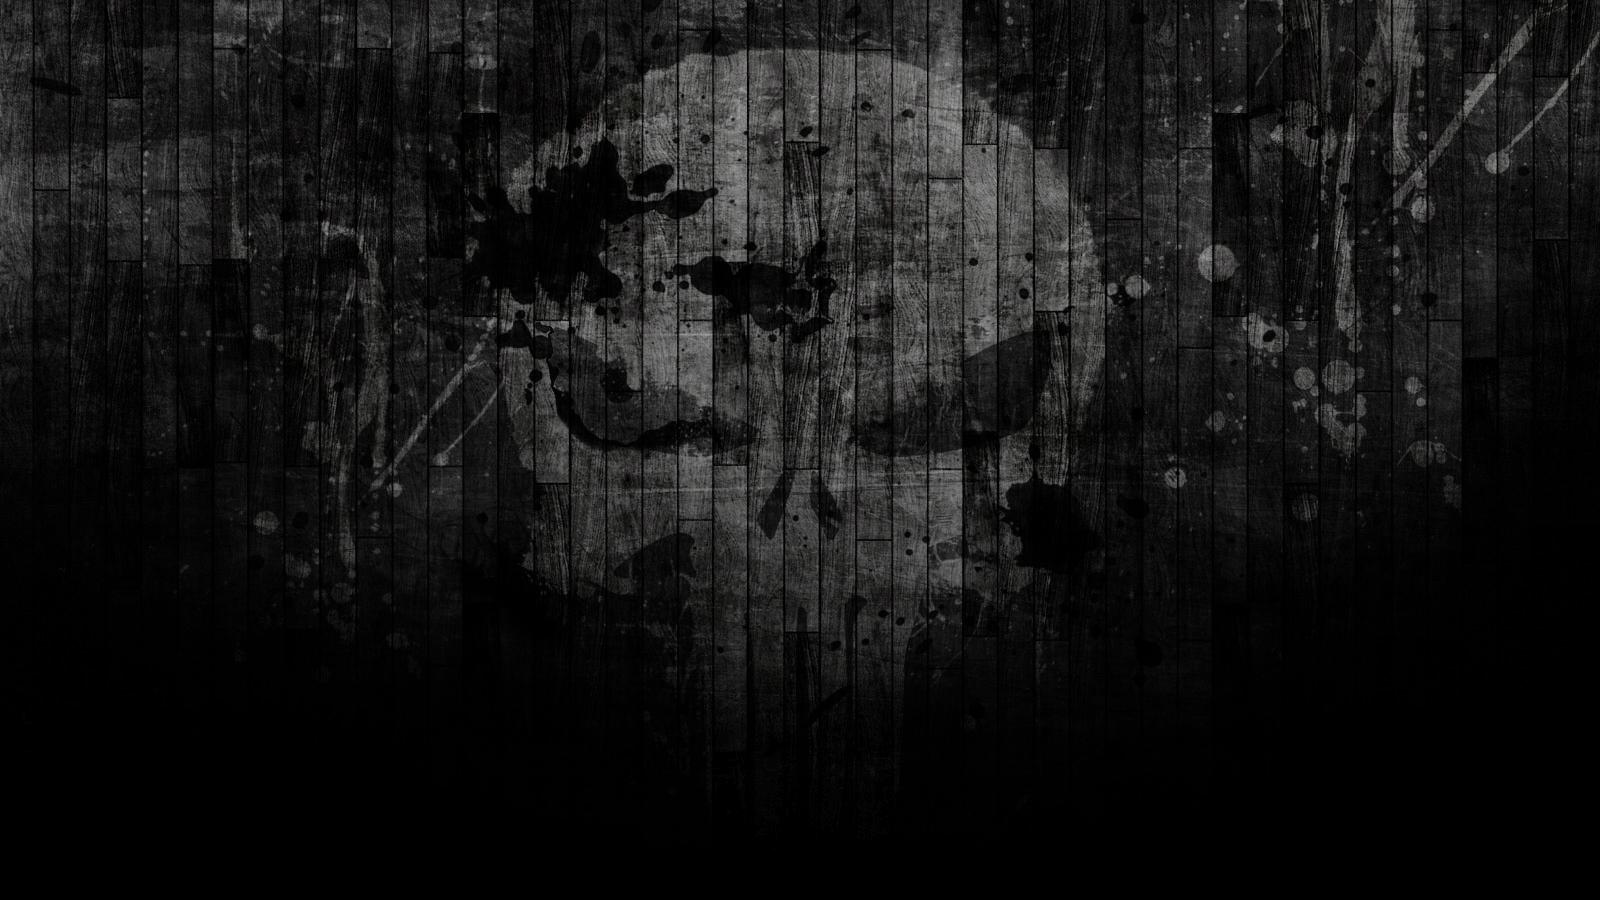 The Punisher Wallpaper by Squiddytron on deviantART 1600x900